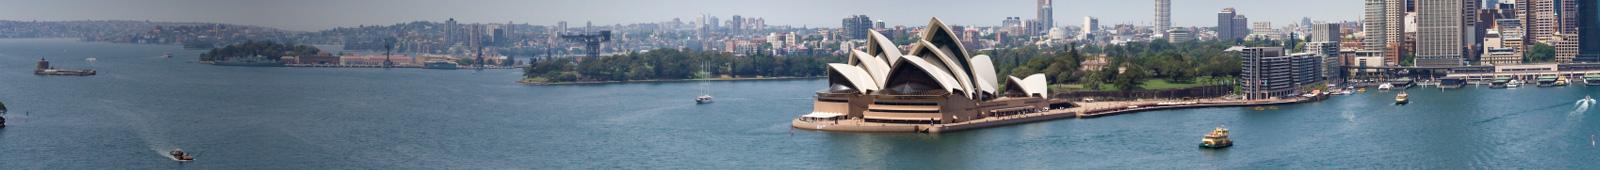 Sydney Banner